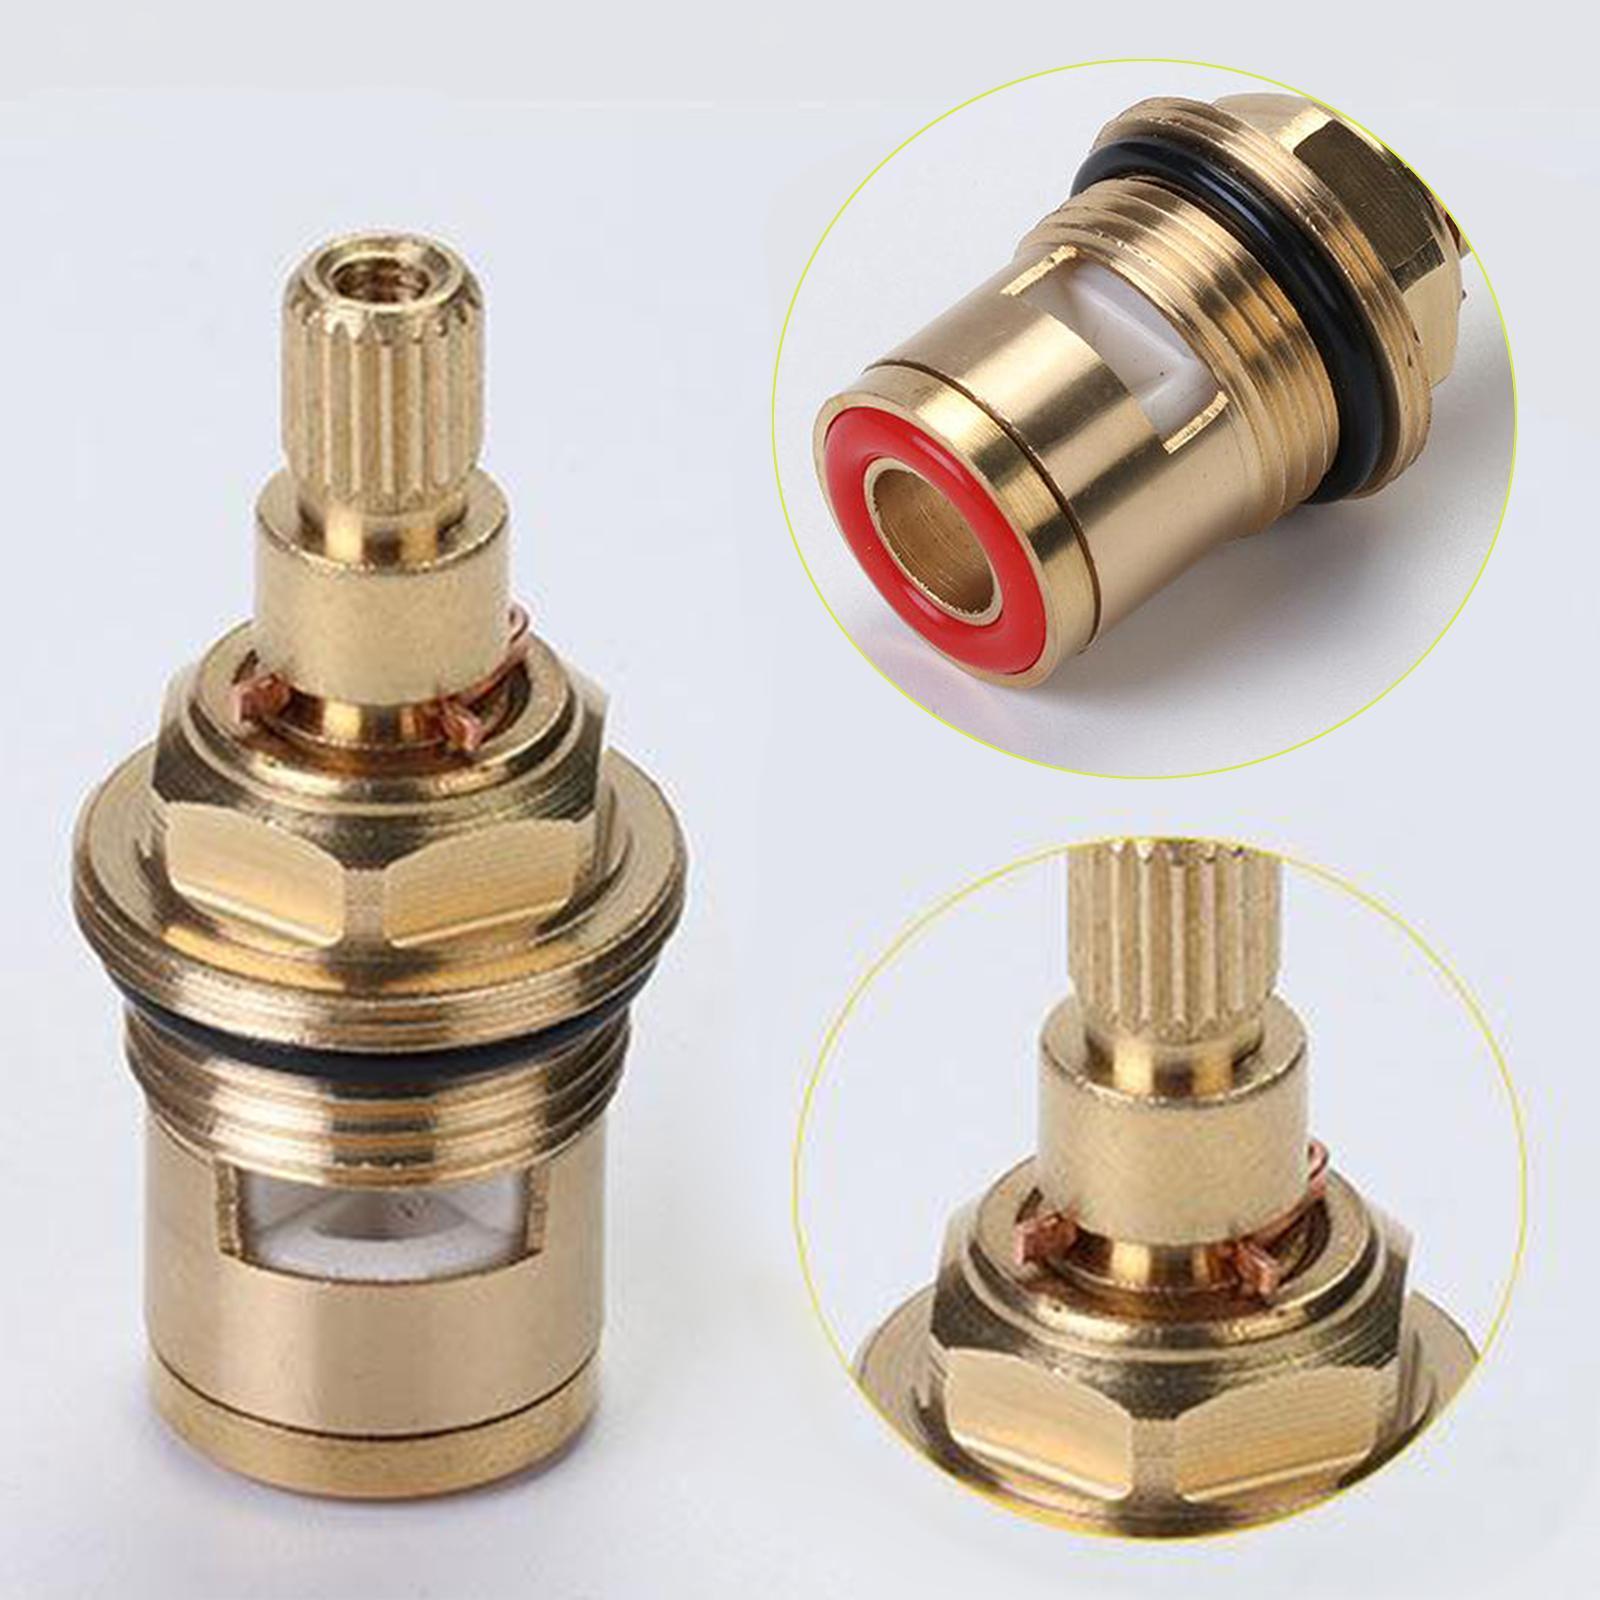 Valvole-rubinetto-di-ricambio-cartucce-a-disco-in-ceramica-pressacavo-accessori miniatura 7